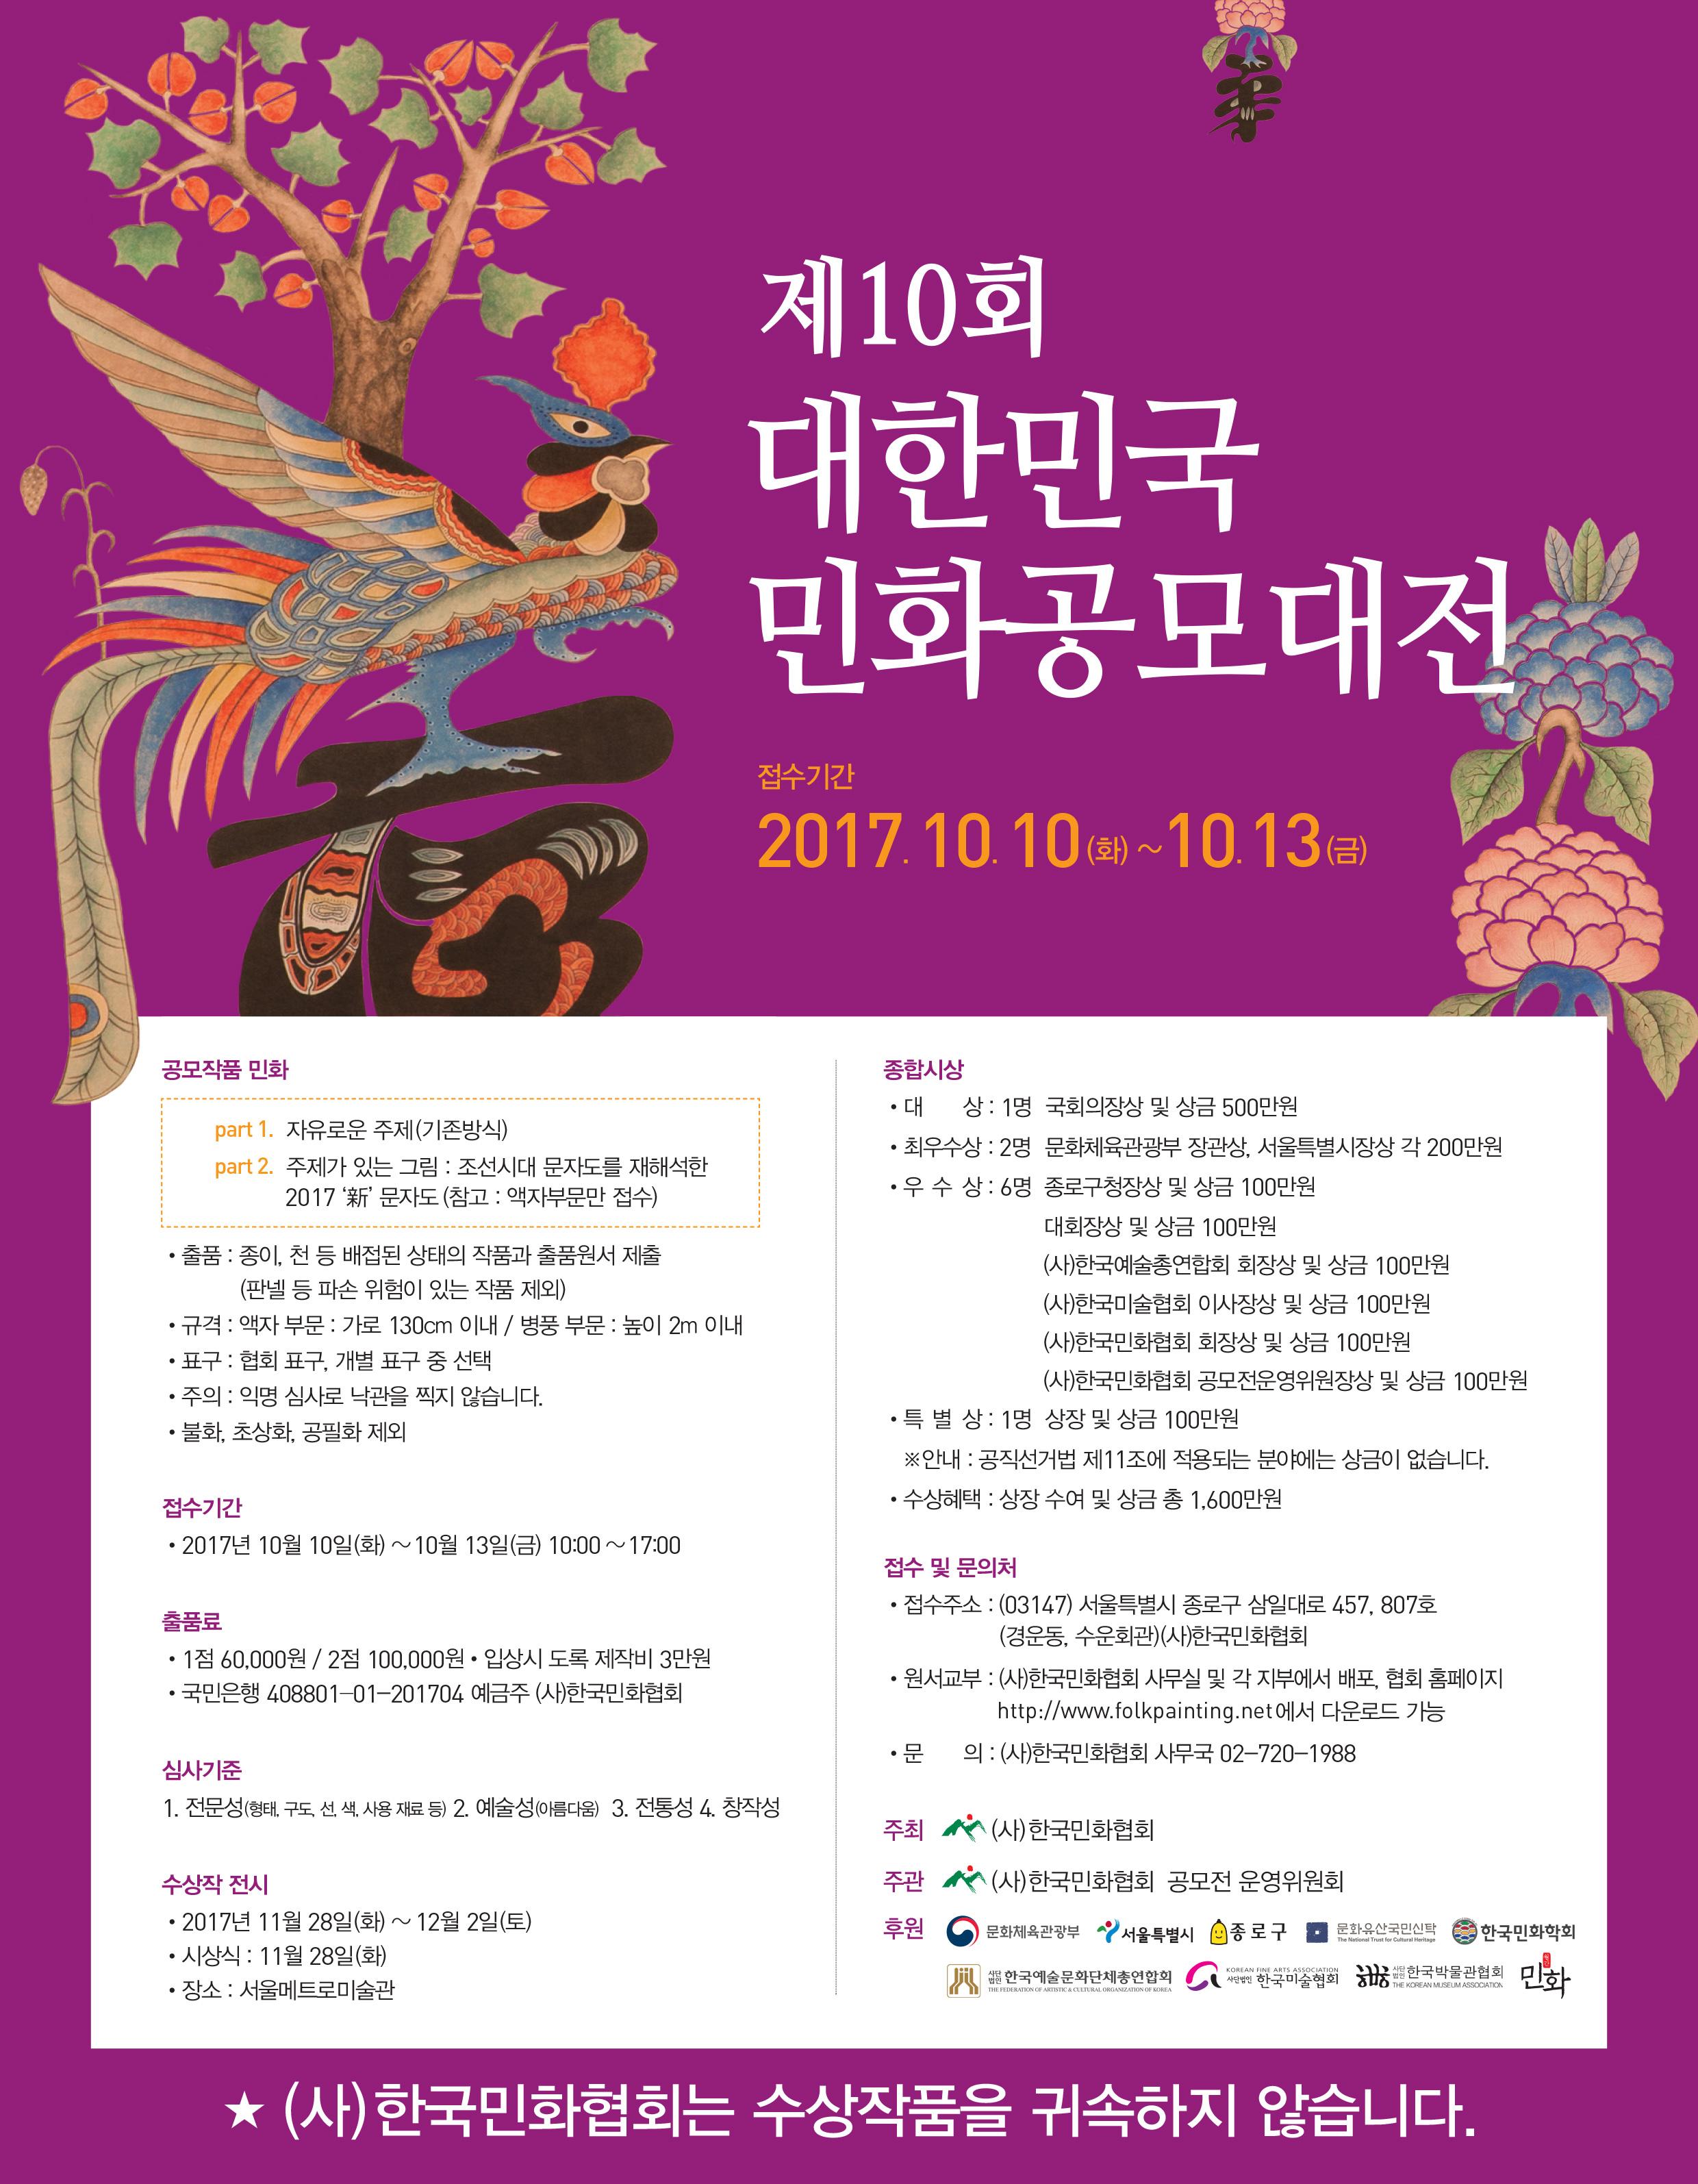 제10회-대한민국-민화공모대전_2017.jpg